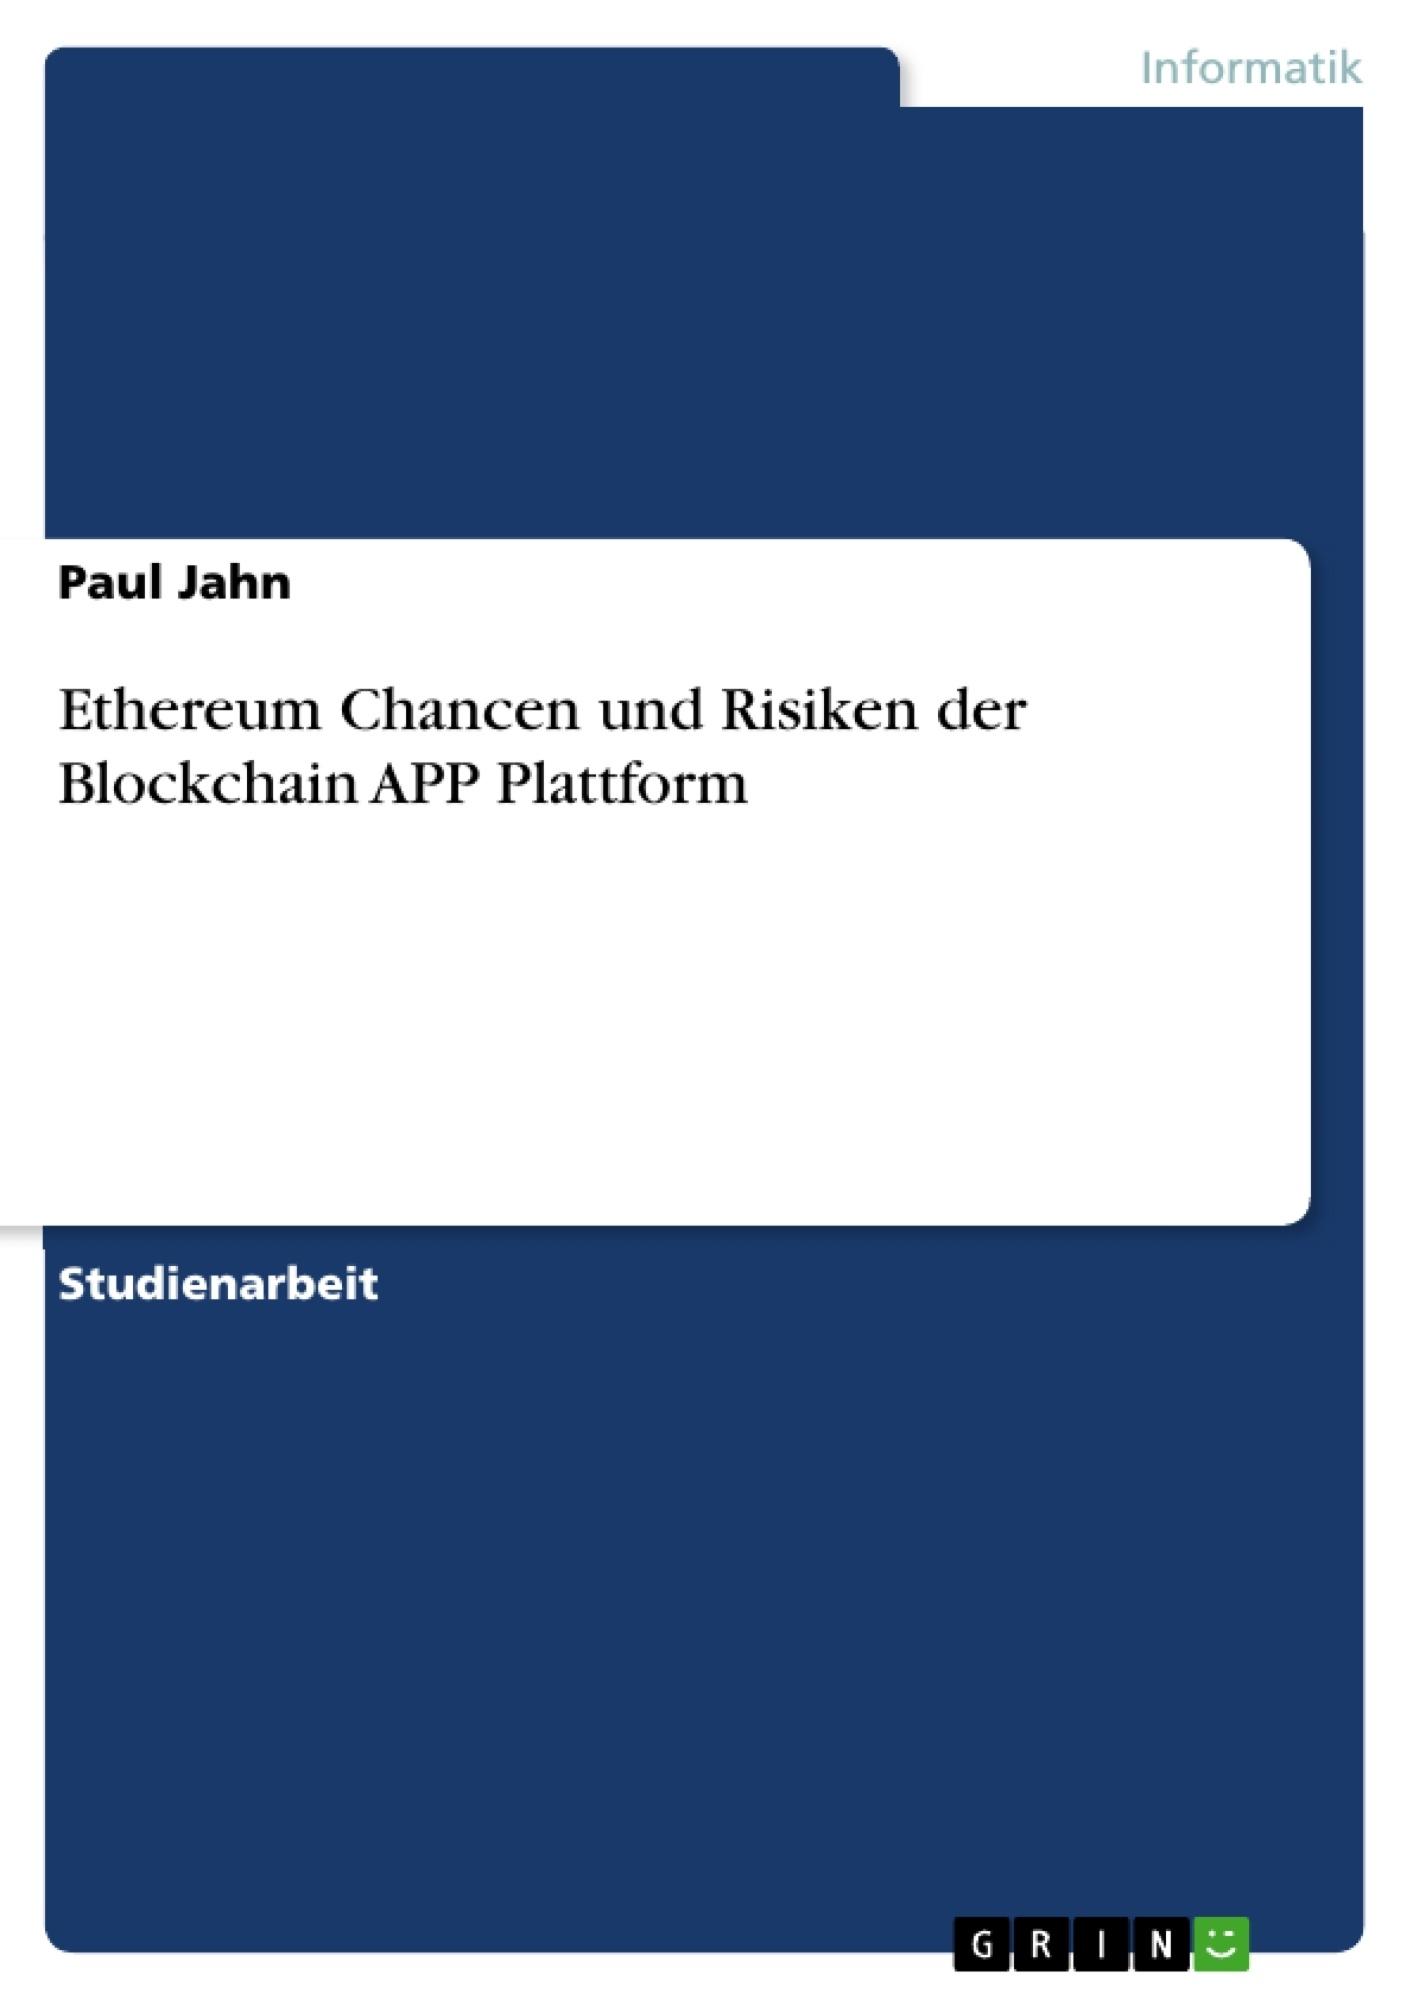 Titel: Ethereum Chancen und Risiken der Blockchain APP Plattform